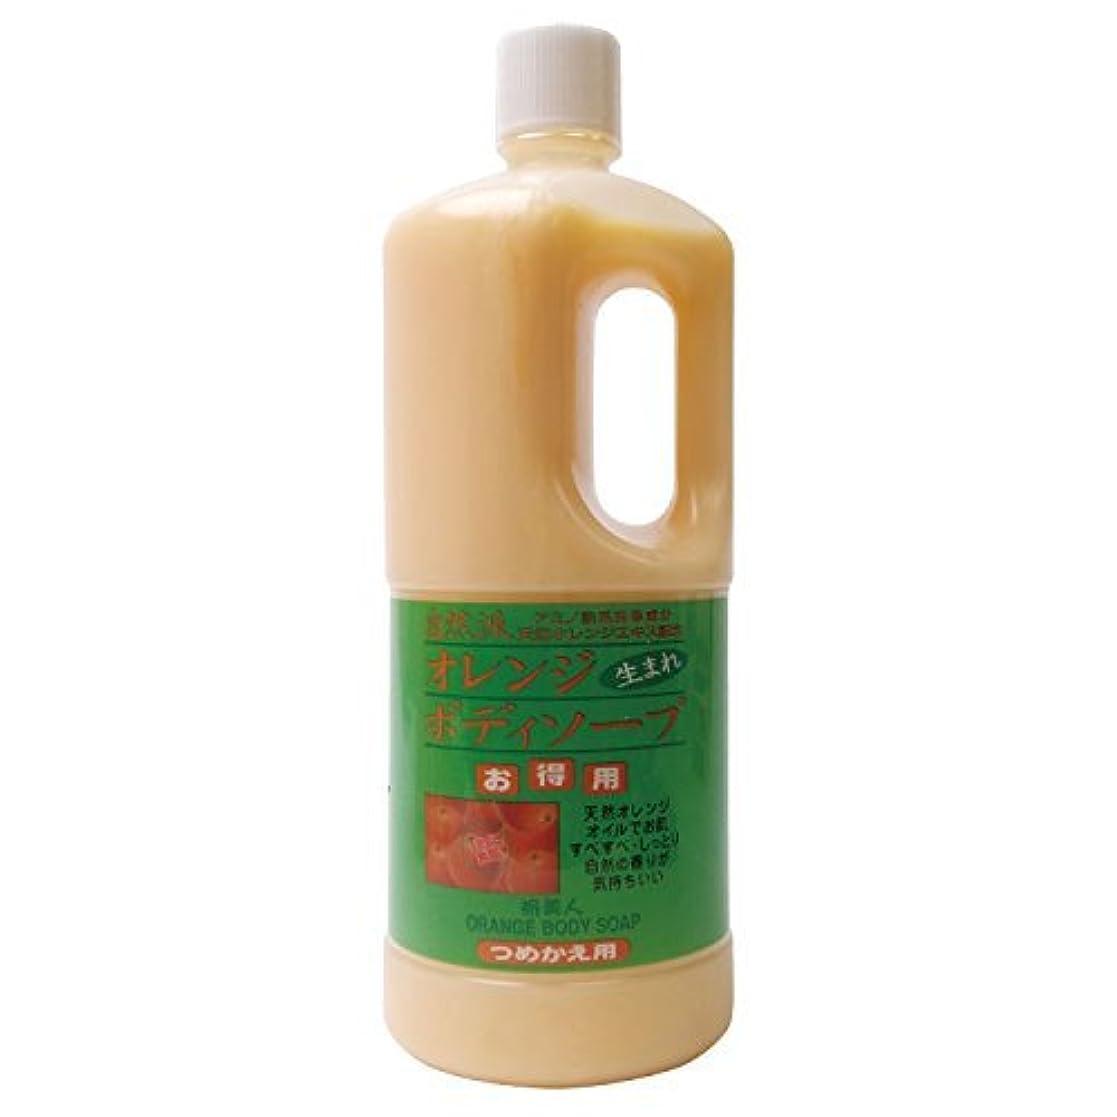 ケージ石のタービンアズマ商事のオレンジボディソープ詰め替え用1000ml